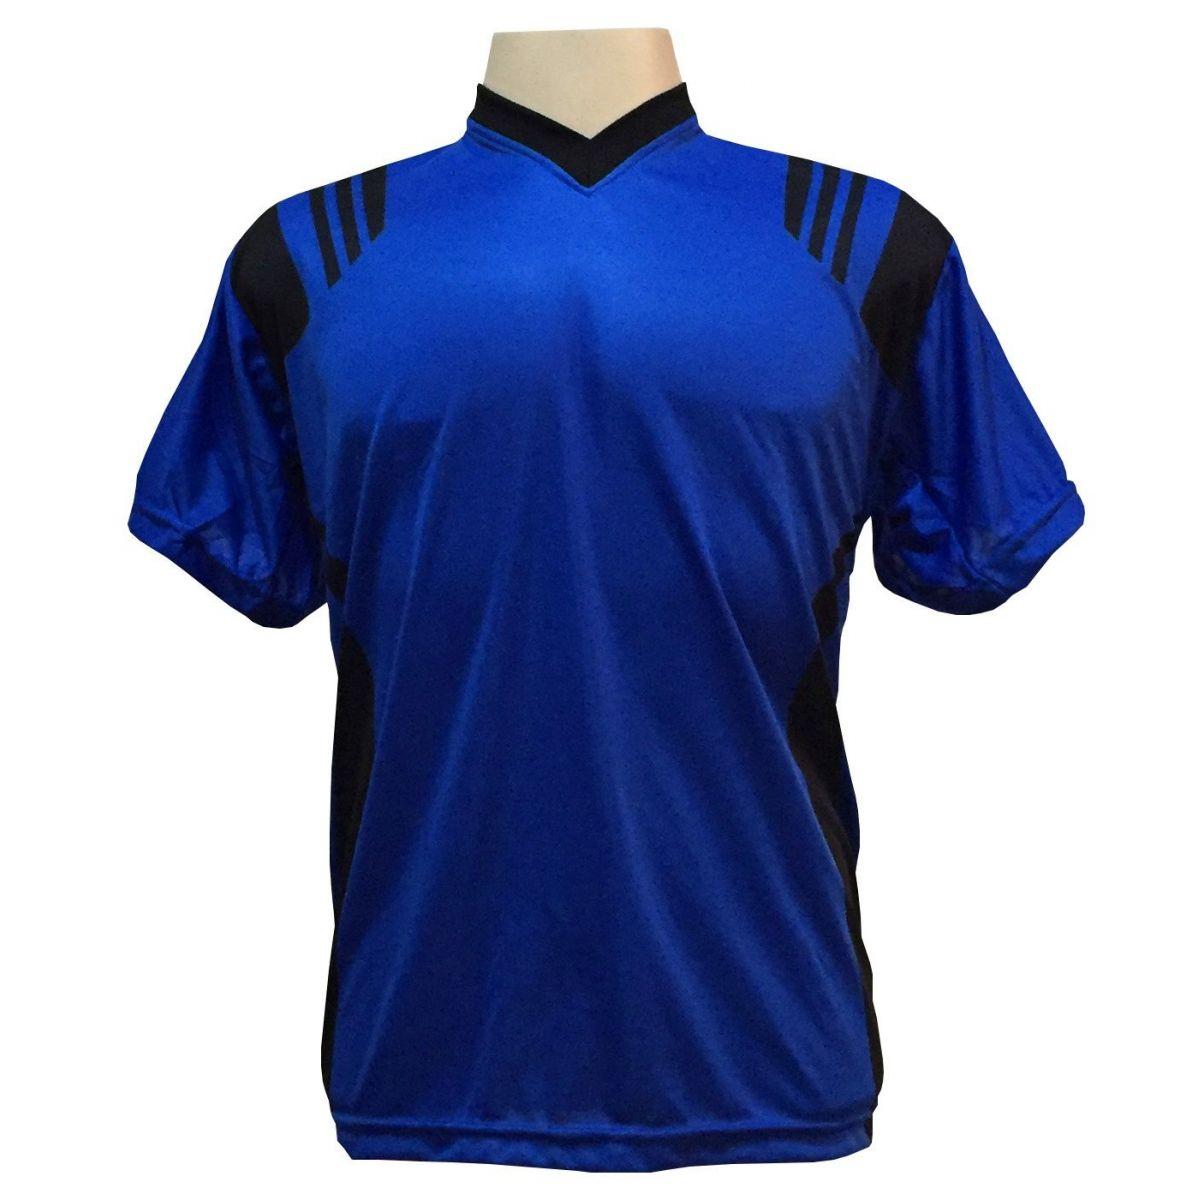 Jogo de Camisa com 18 unidades modelo Roma Royal/Preto + Brindes